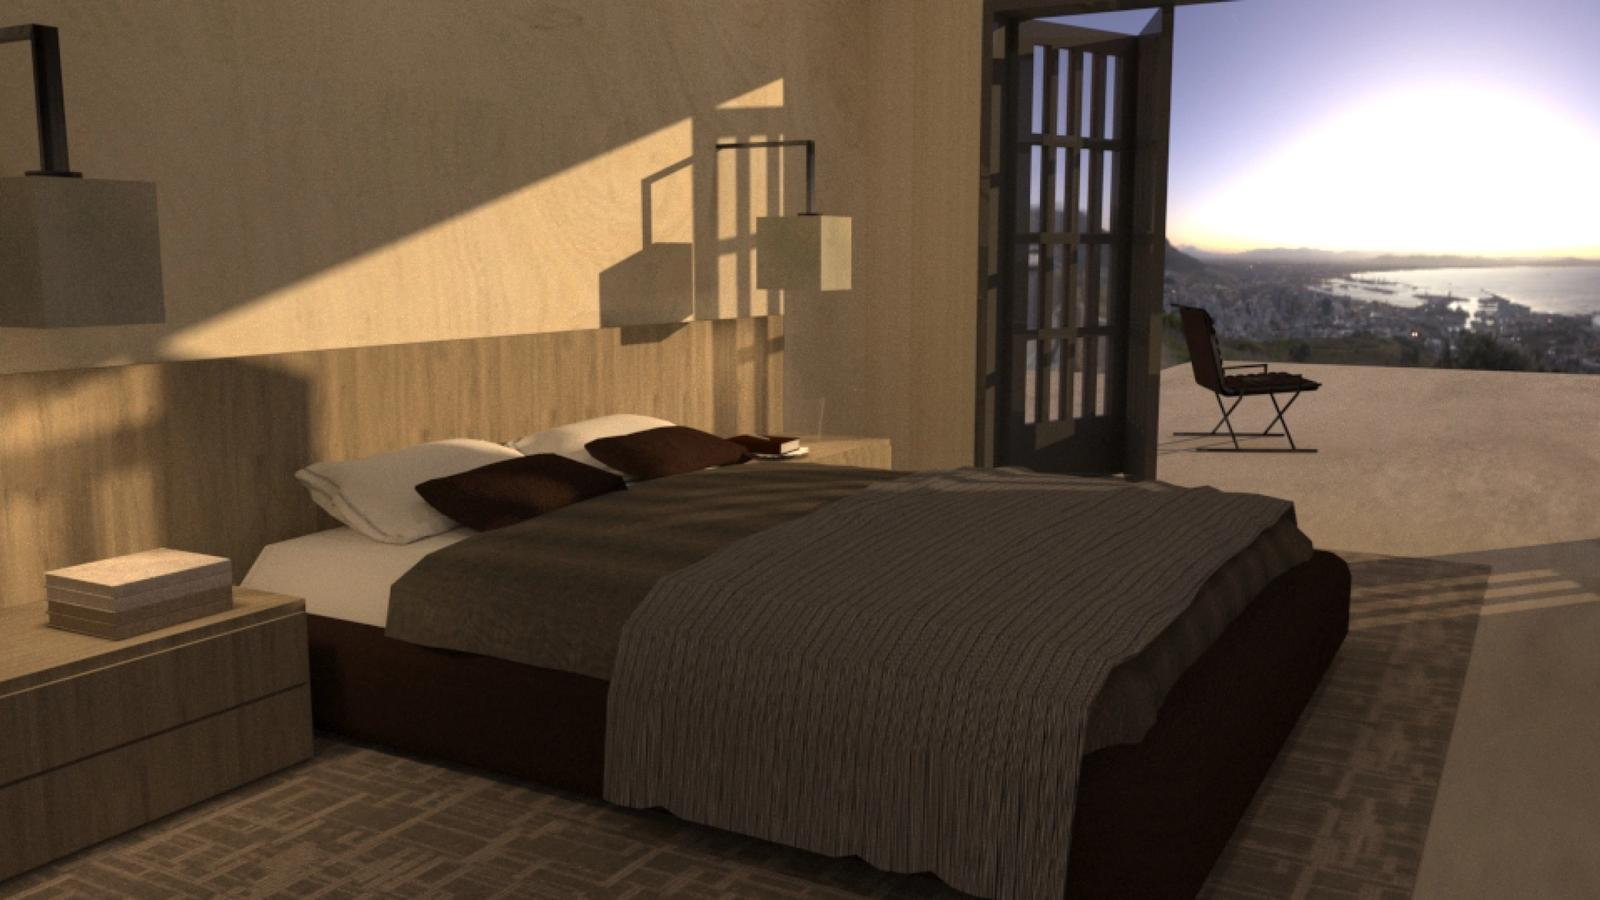 Artist Studio Loft - Bedroom Early Morning